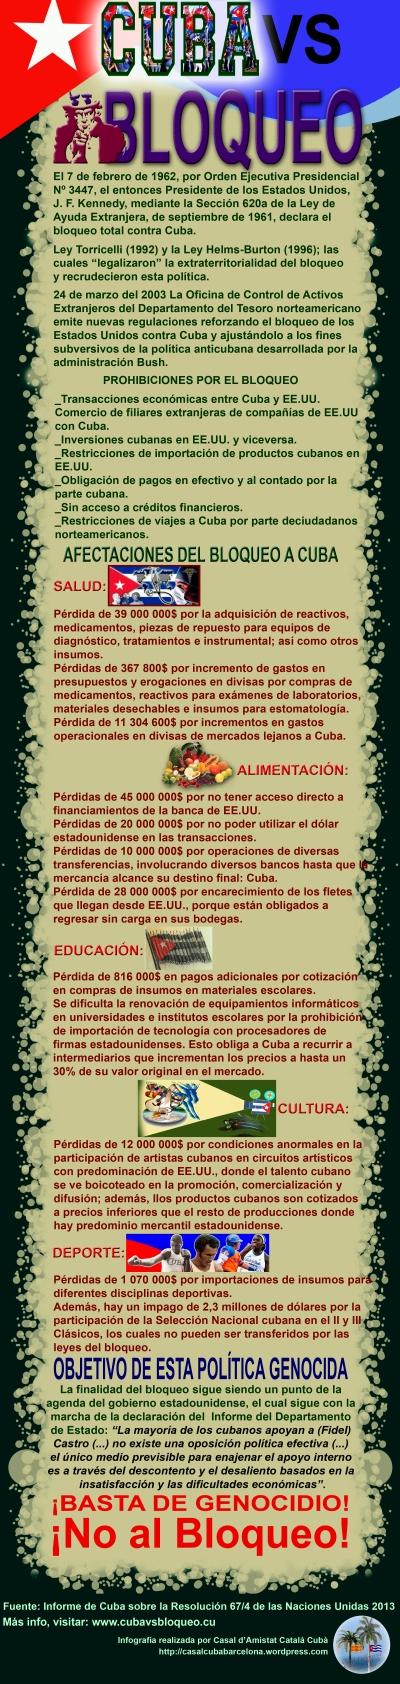 INFOGRAFÍA DEL BLOQUEOvsCUBA_CASAL AMISTAT CATALÁ CUBÁ 1